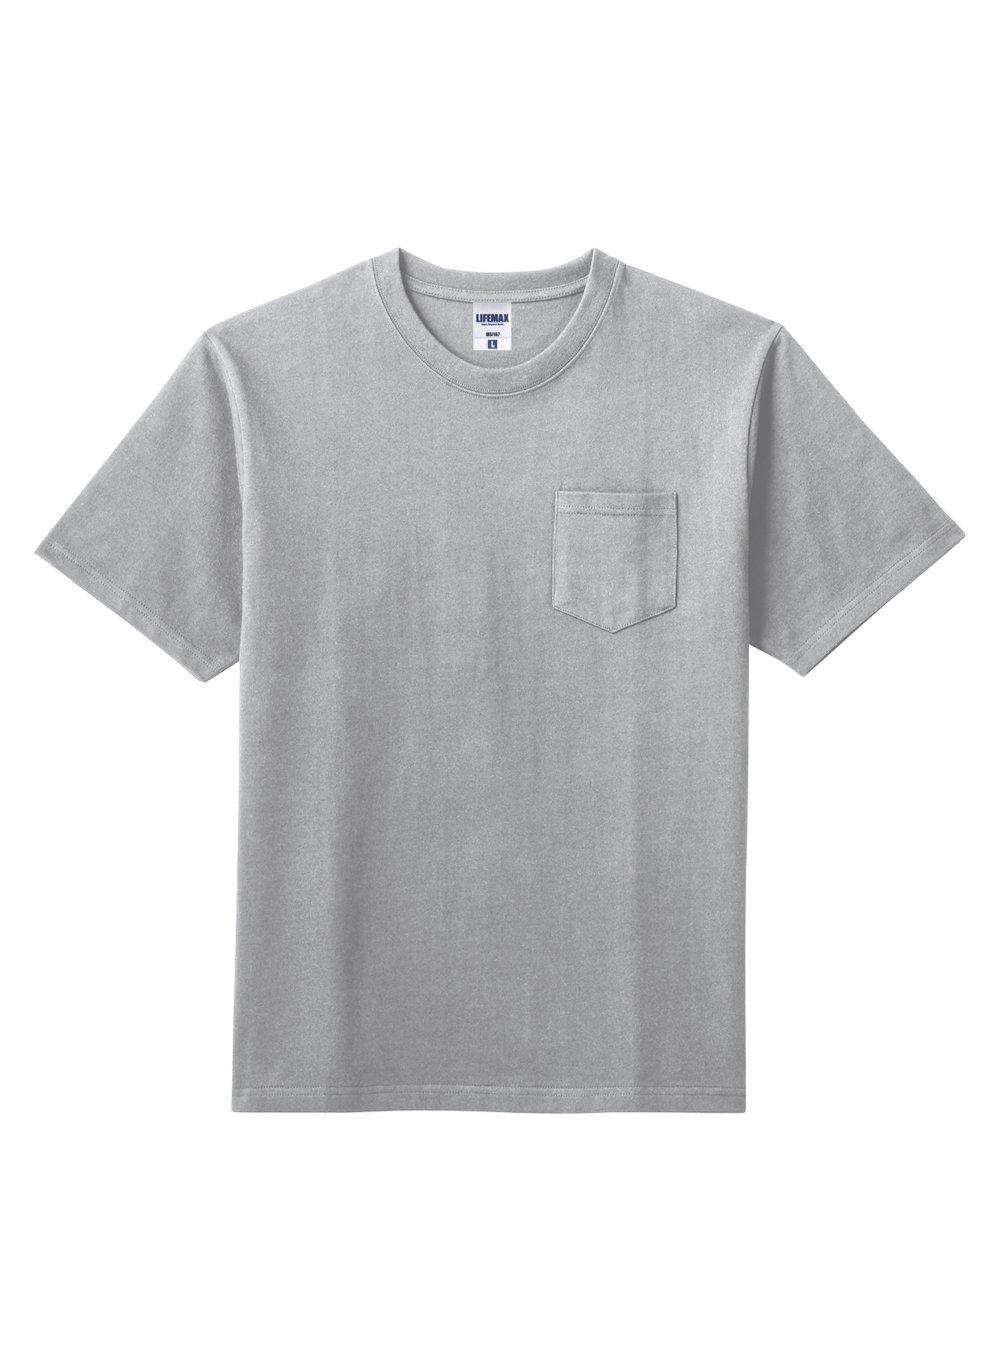 10.2オンスポケット付きスーパーヘビーウェイトTシャツ :BONMAX-MS1157